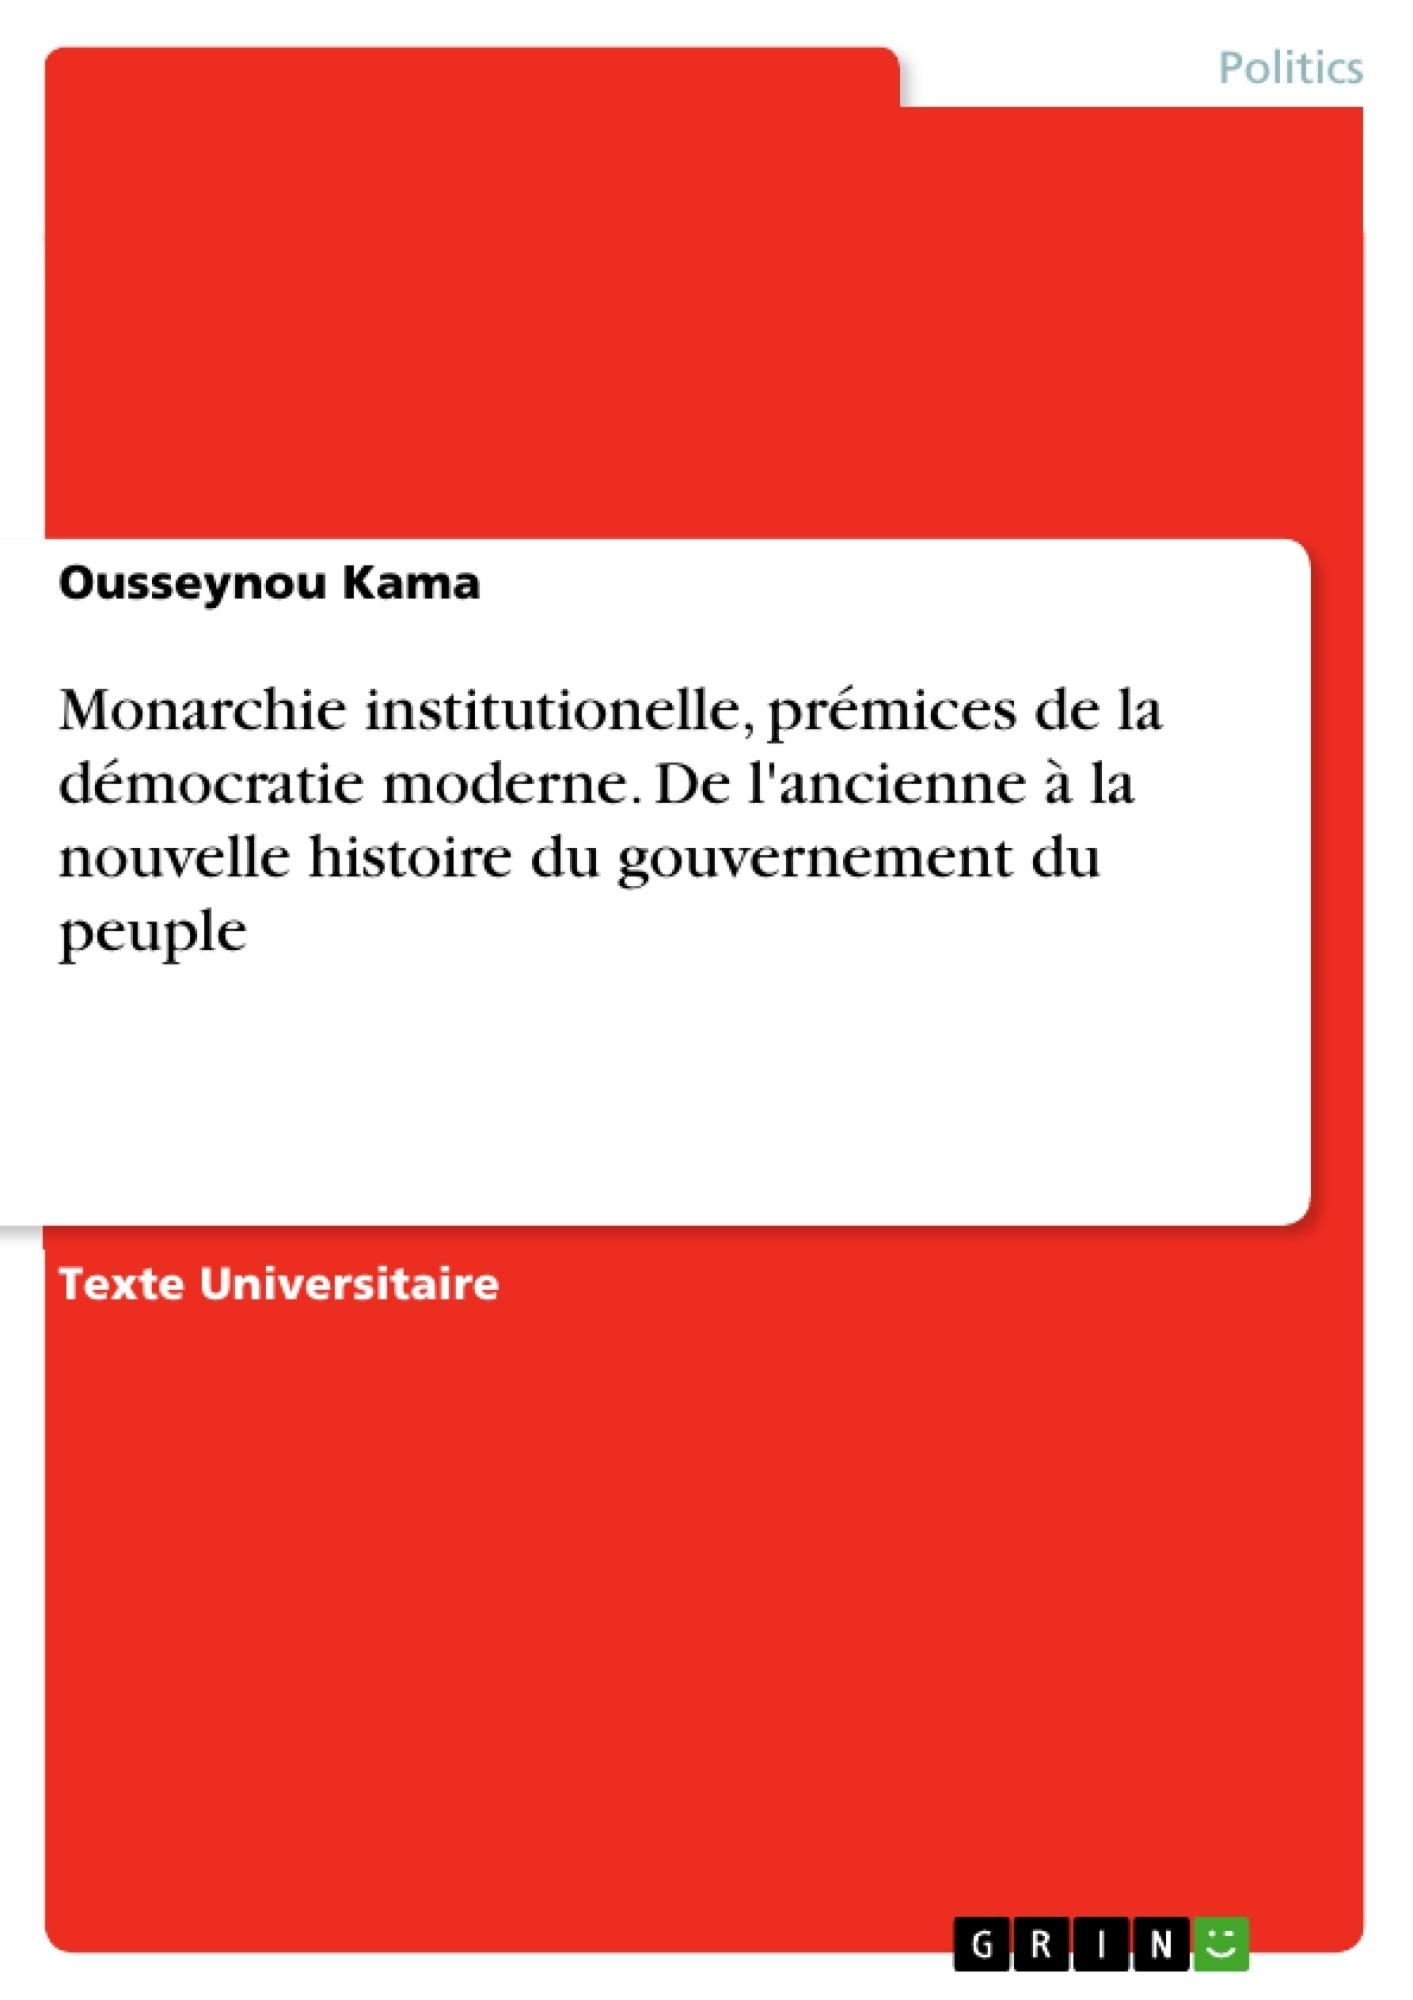 Titre: Monarchie institutionelle, prémices de la démocratie moderne. De l'ancienne à la nouvelle histoire du gouvernement du peuple